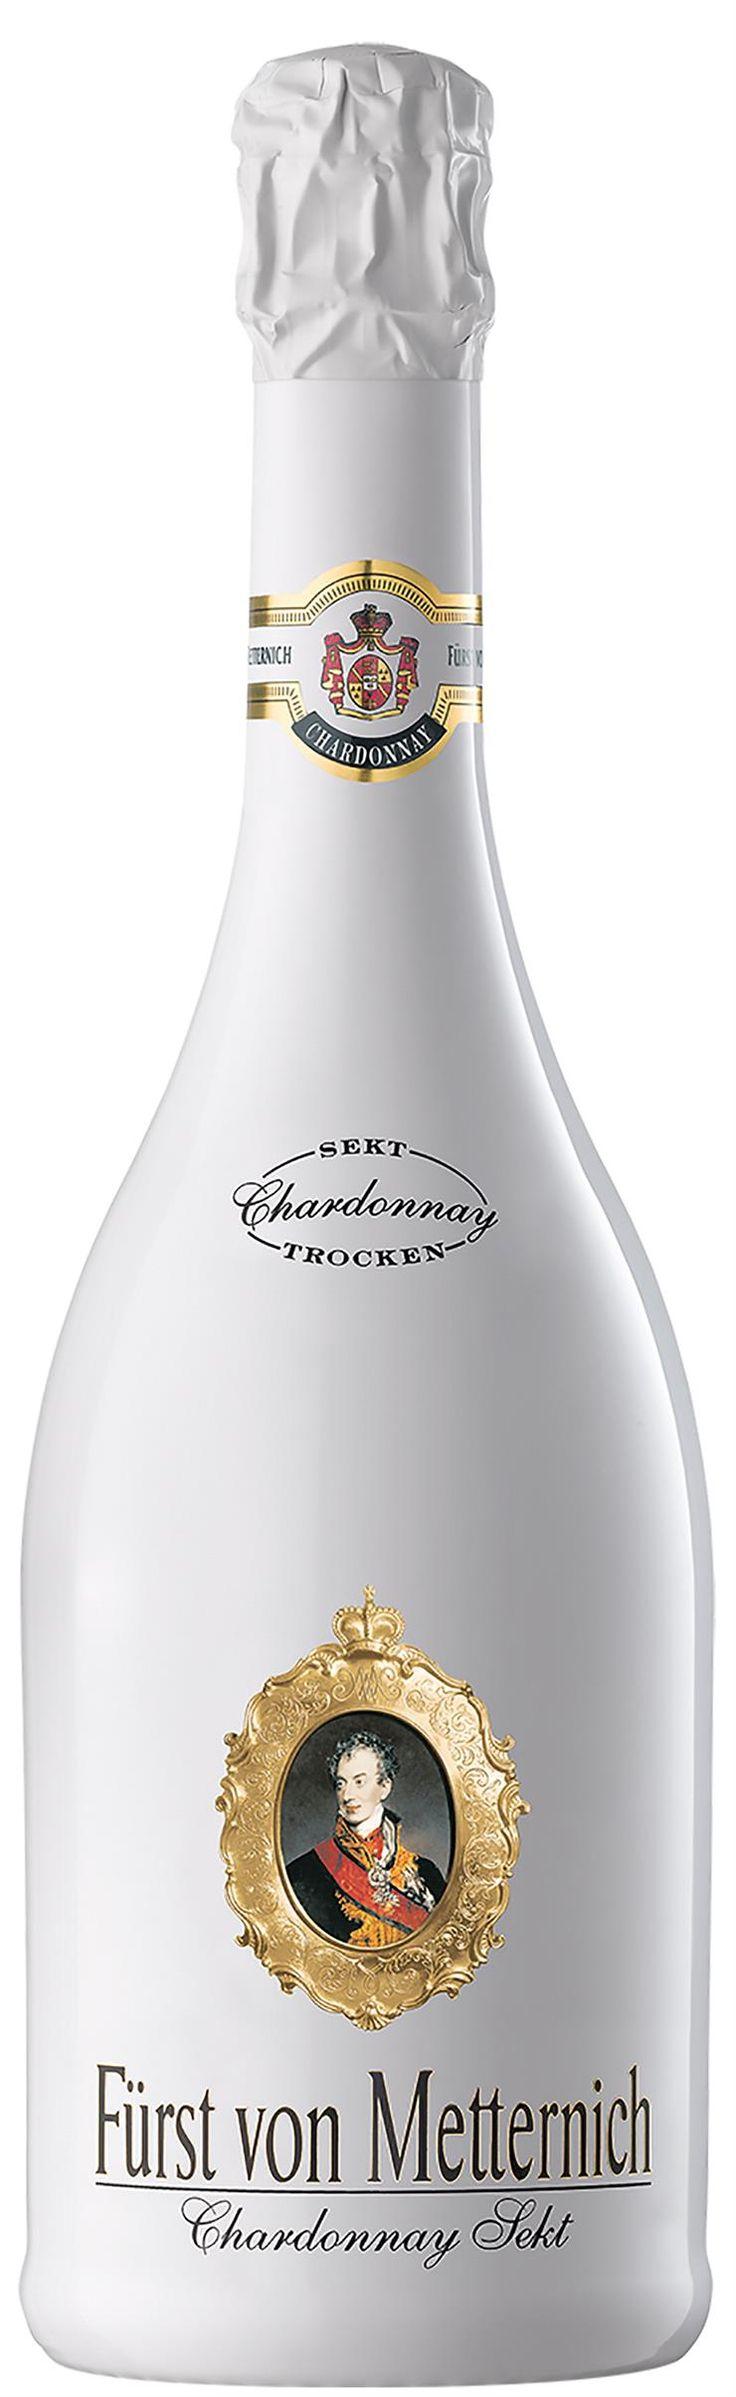 Fürst von Metternich Chardonnay Sparkling Wine